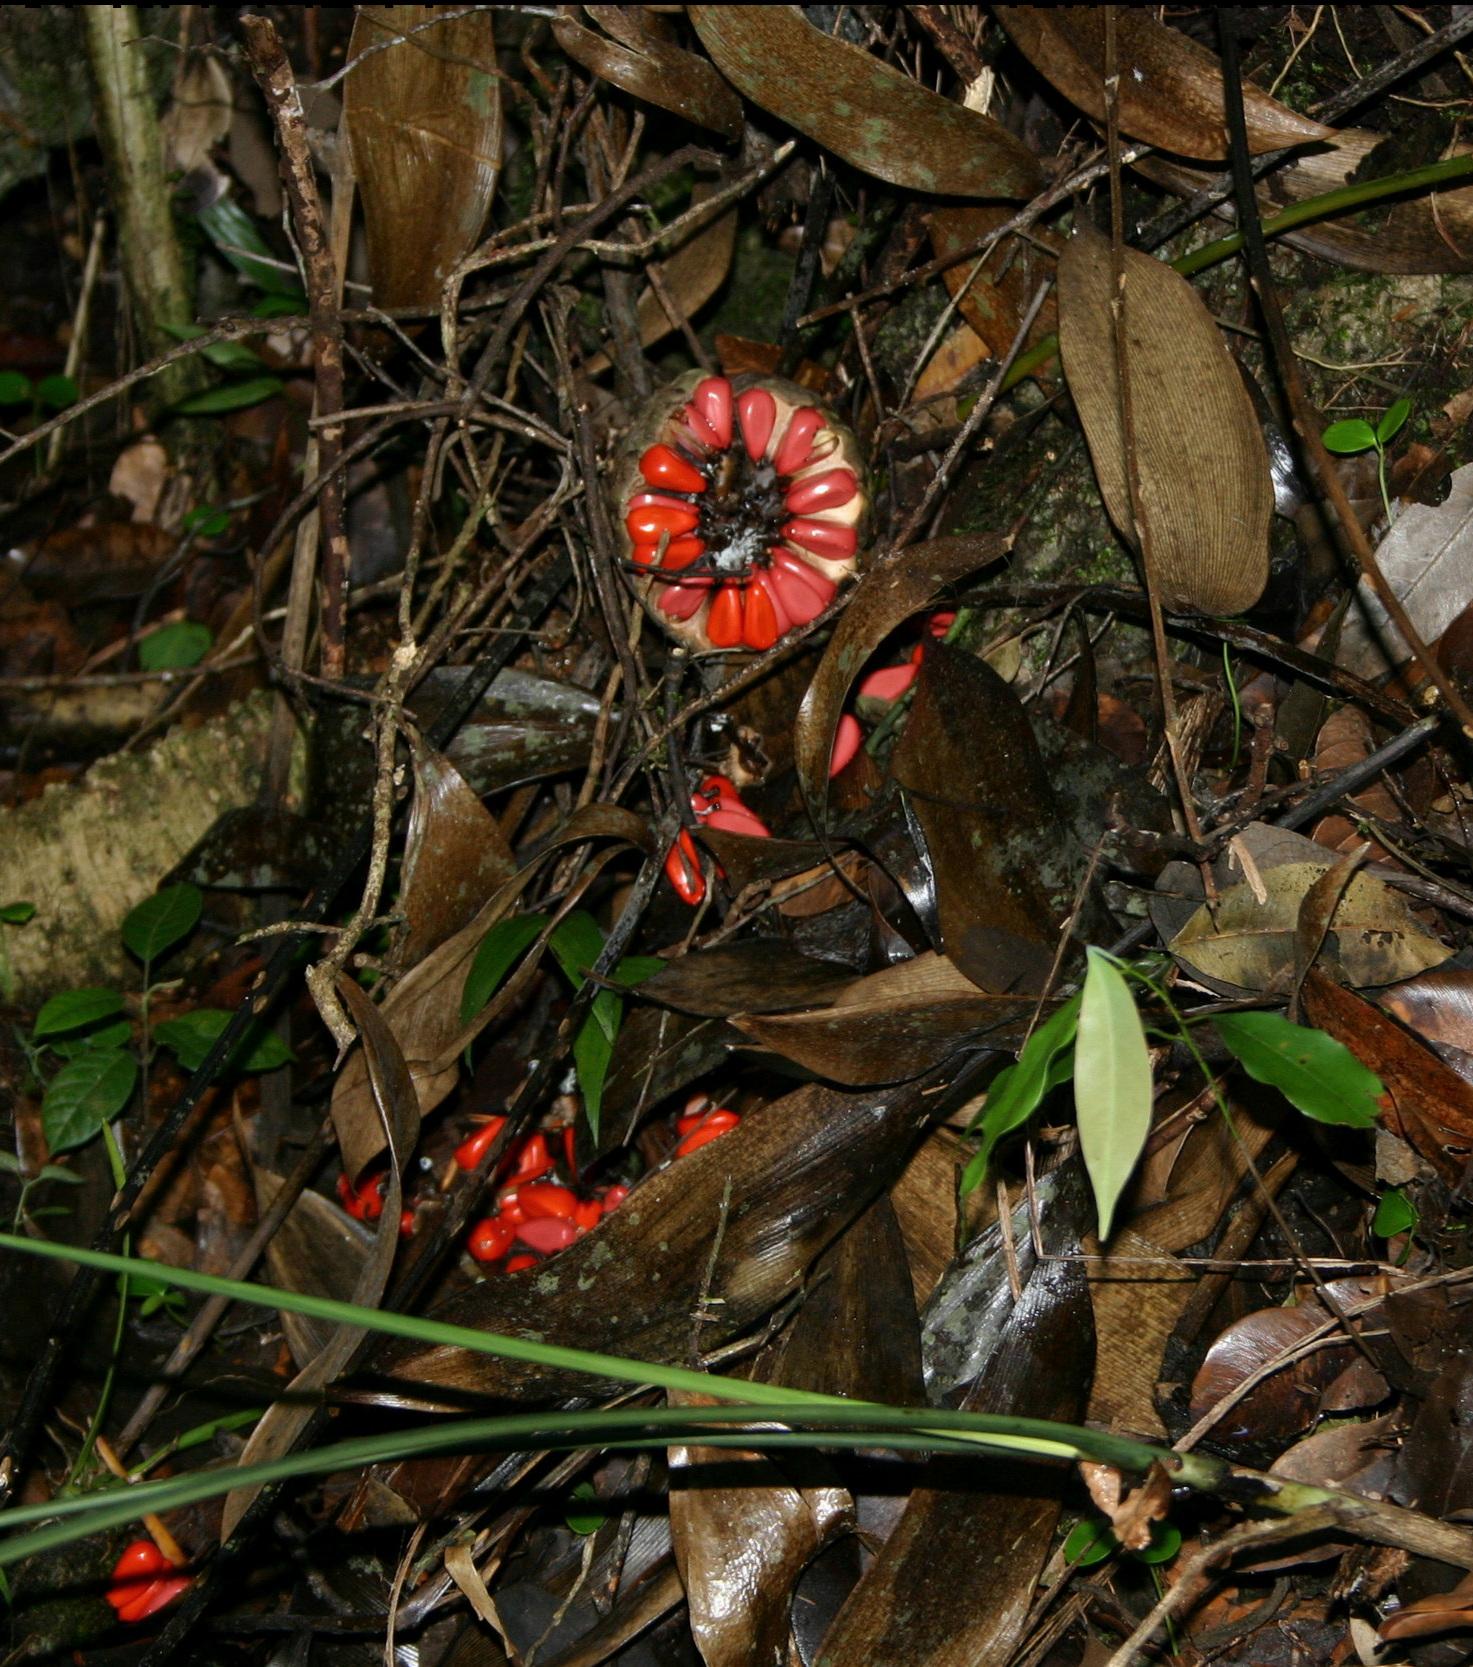 Fallen and disintegrating mature wild cone of  Zamia tuerckheimii  in central Guatemala.